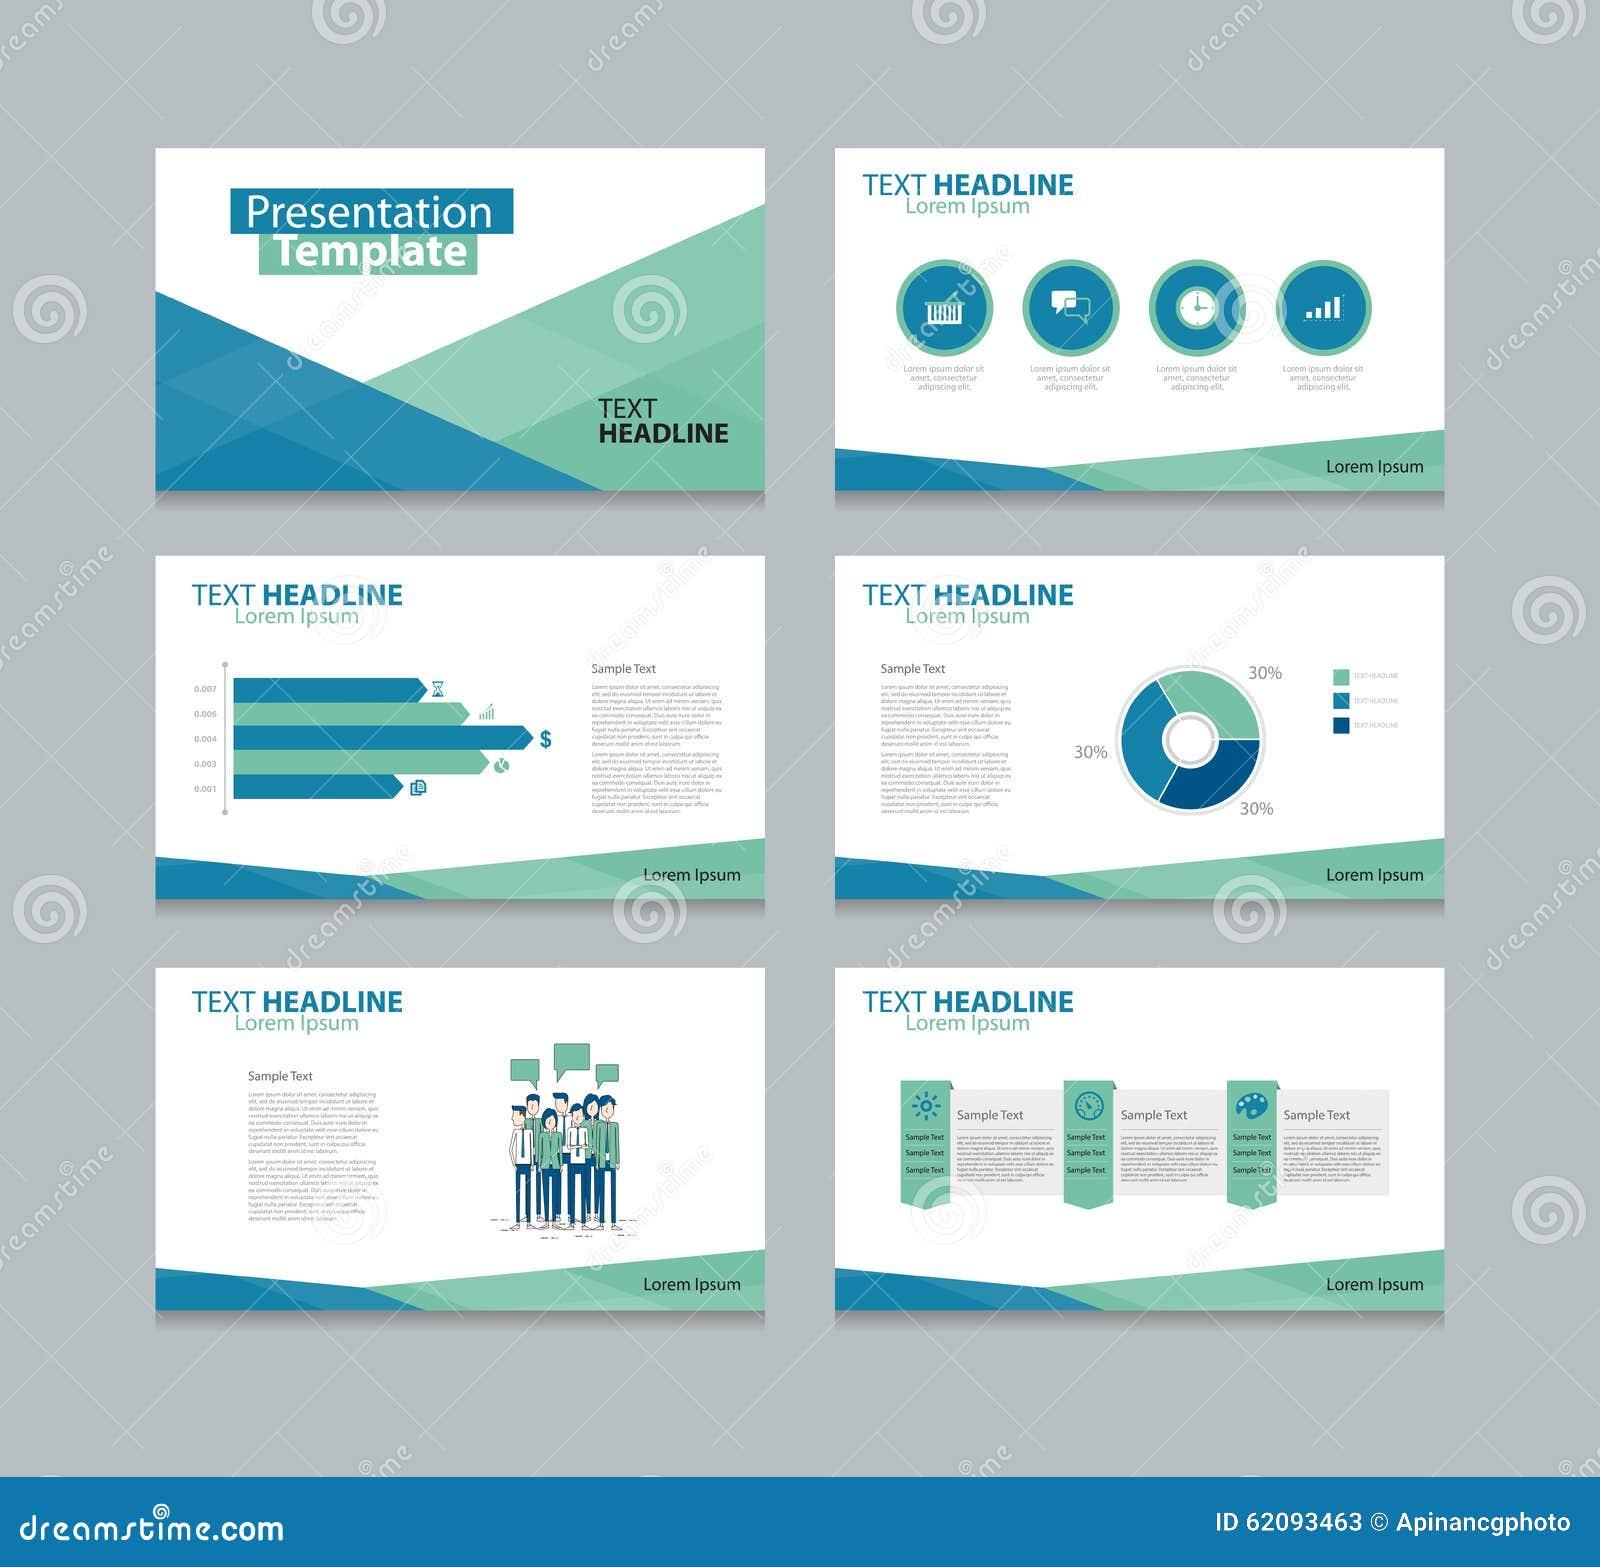 vector template presentation slides background design stock vector illustration of brochure. Black Bedroom Furniture Sets. Home Design Ideas